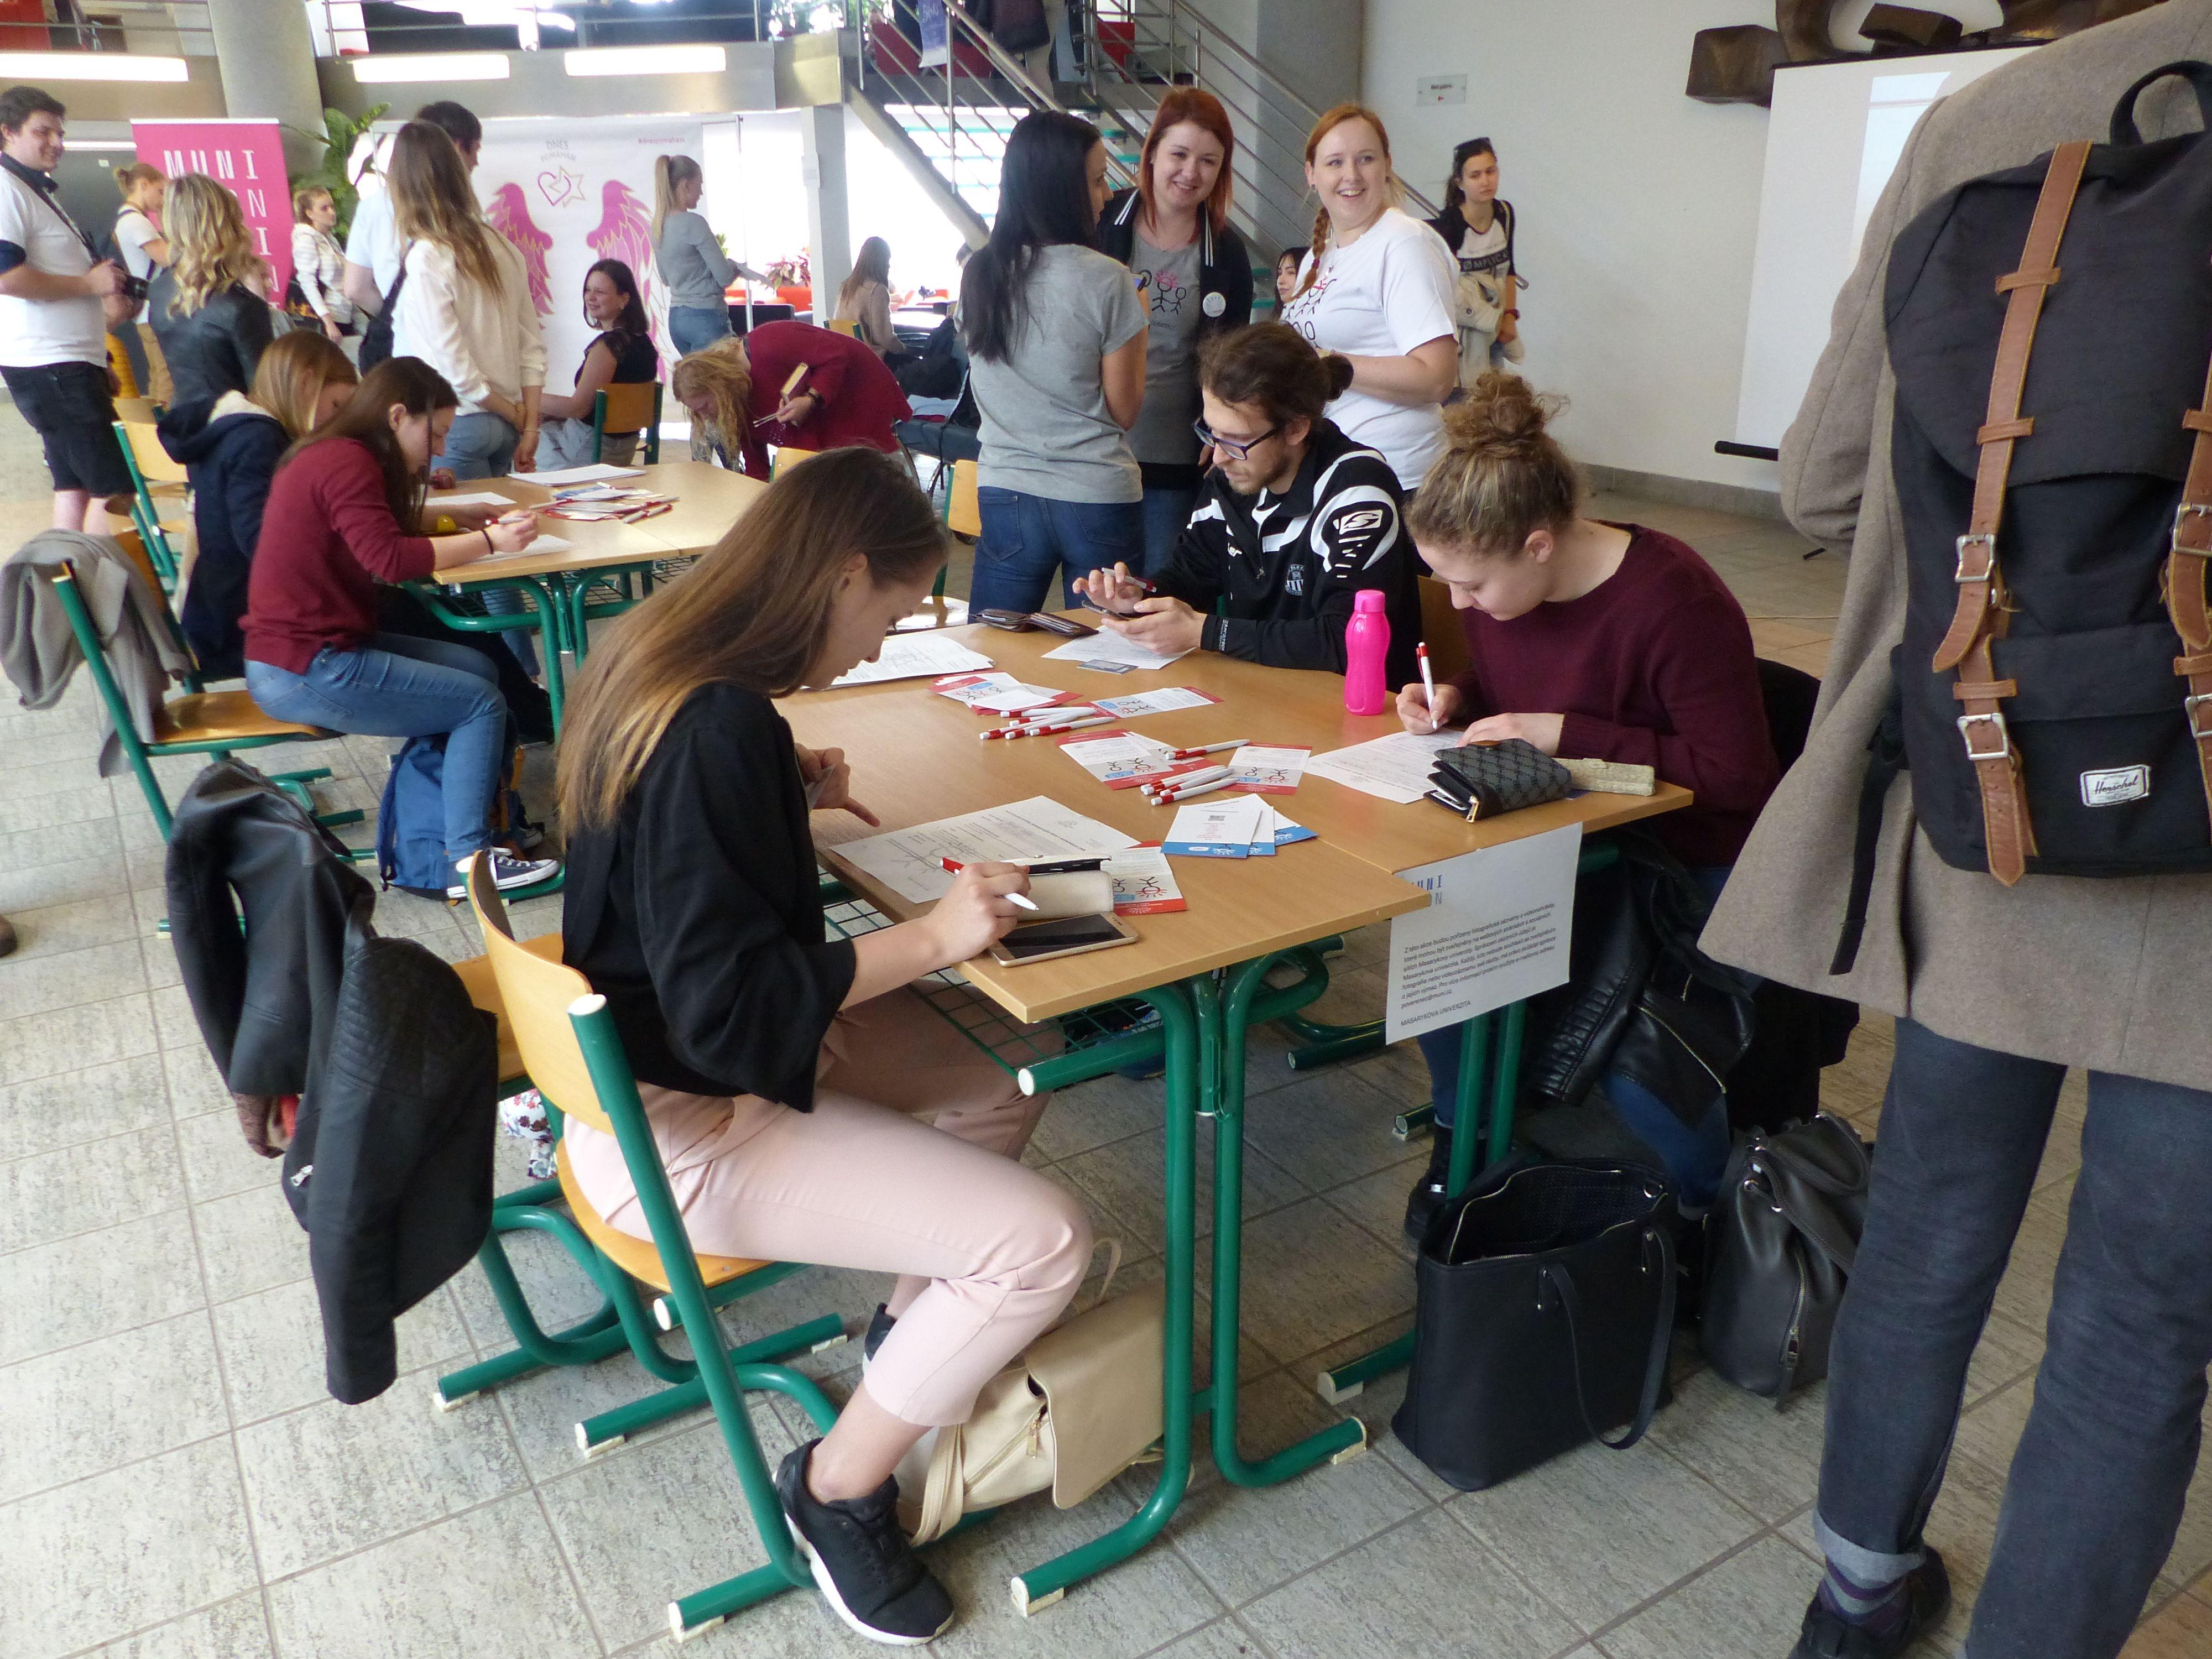 Nábor nových zájemců do registru kostní dřeně přilákal studenty i veřejnost